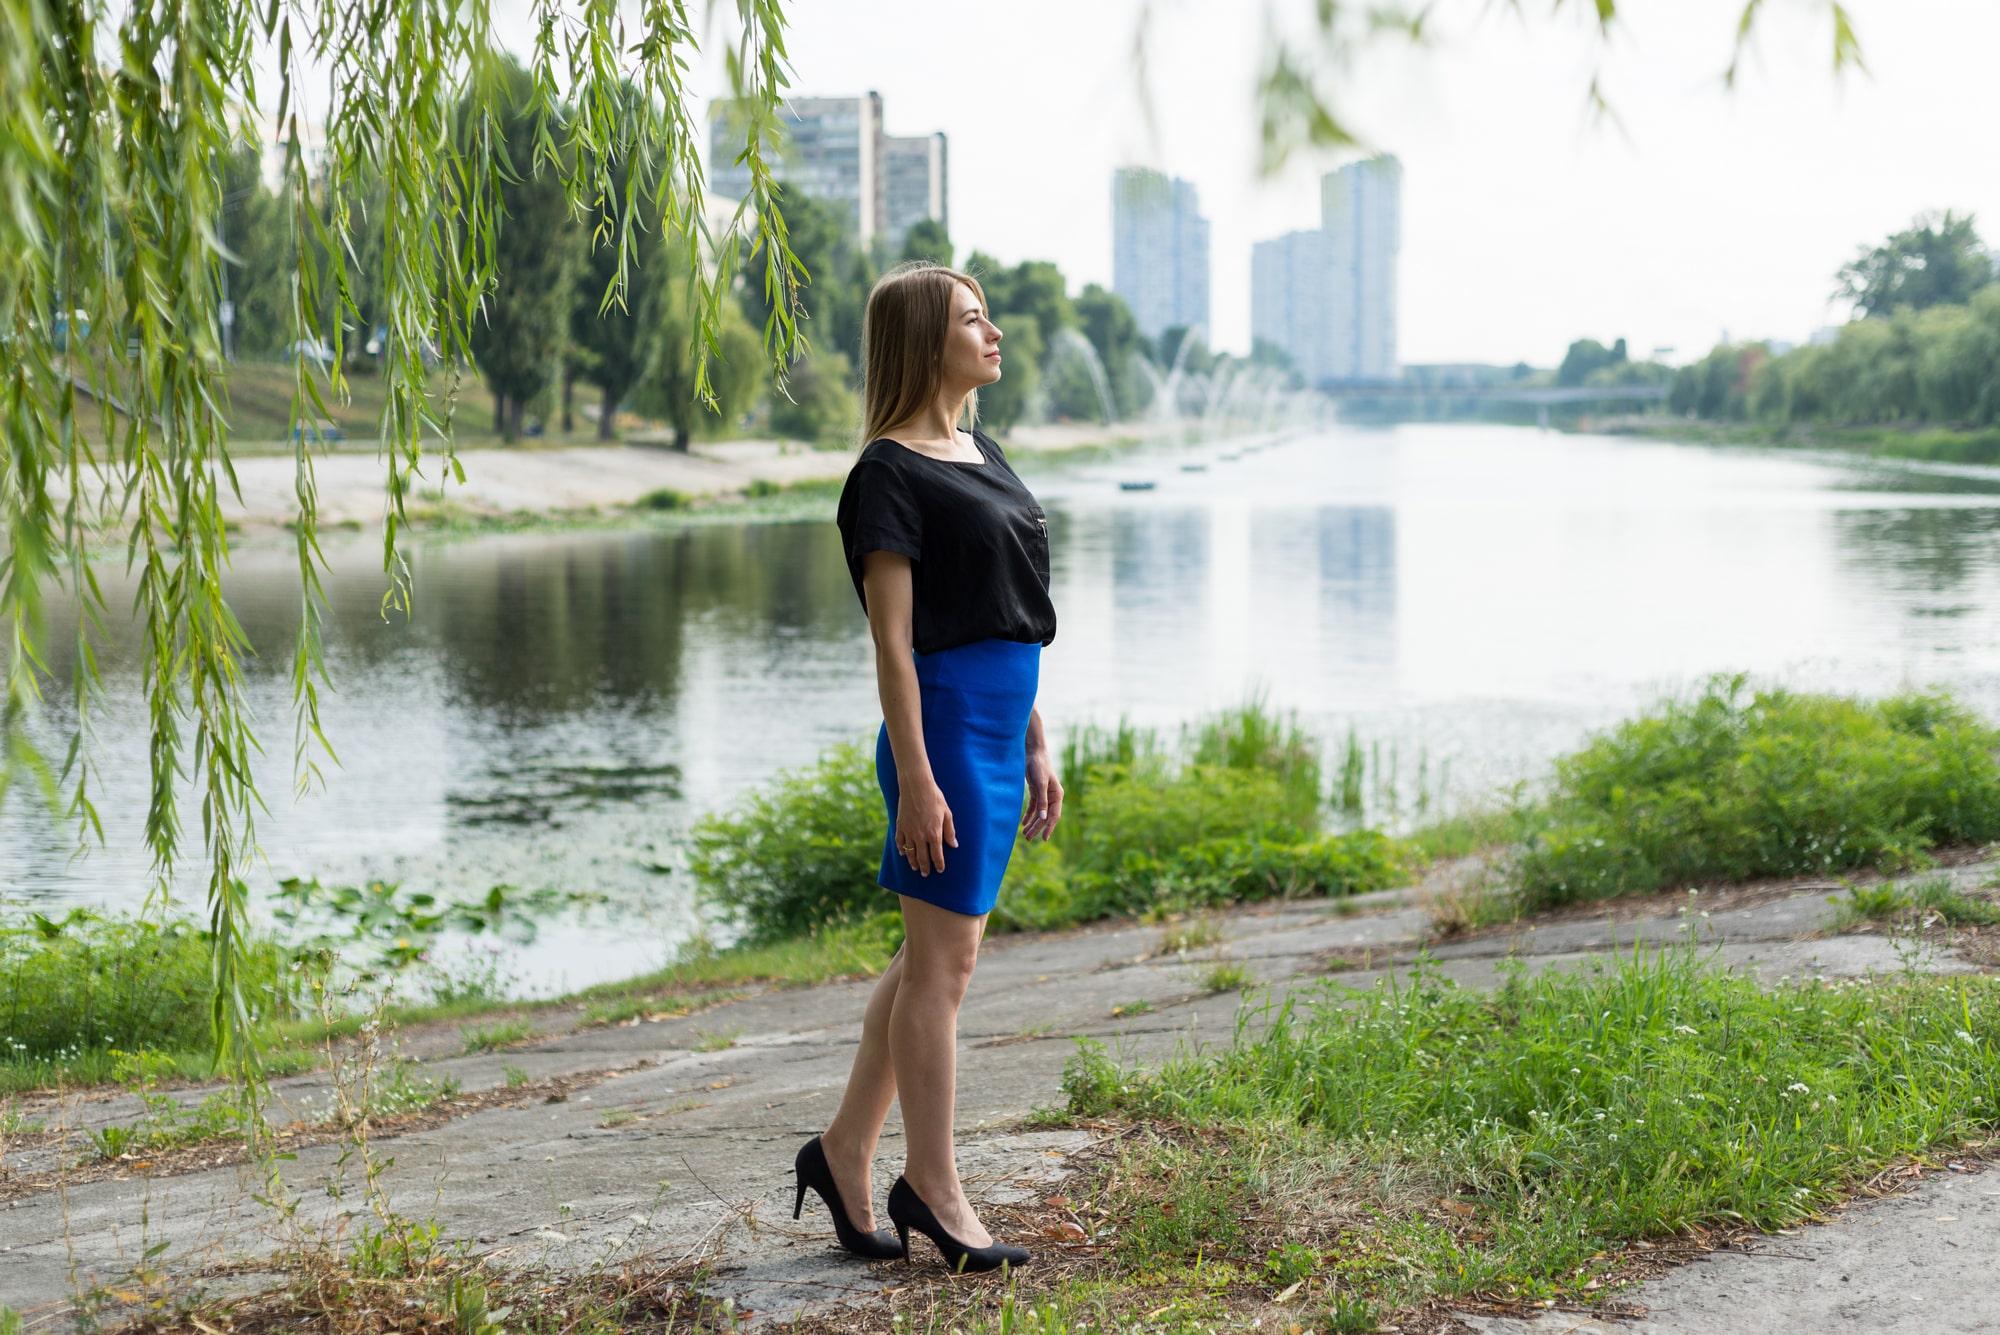 Фотосессия Love Story в Киеве - фото девушки на Русановке